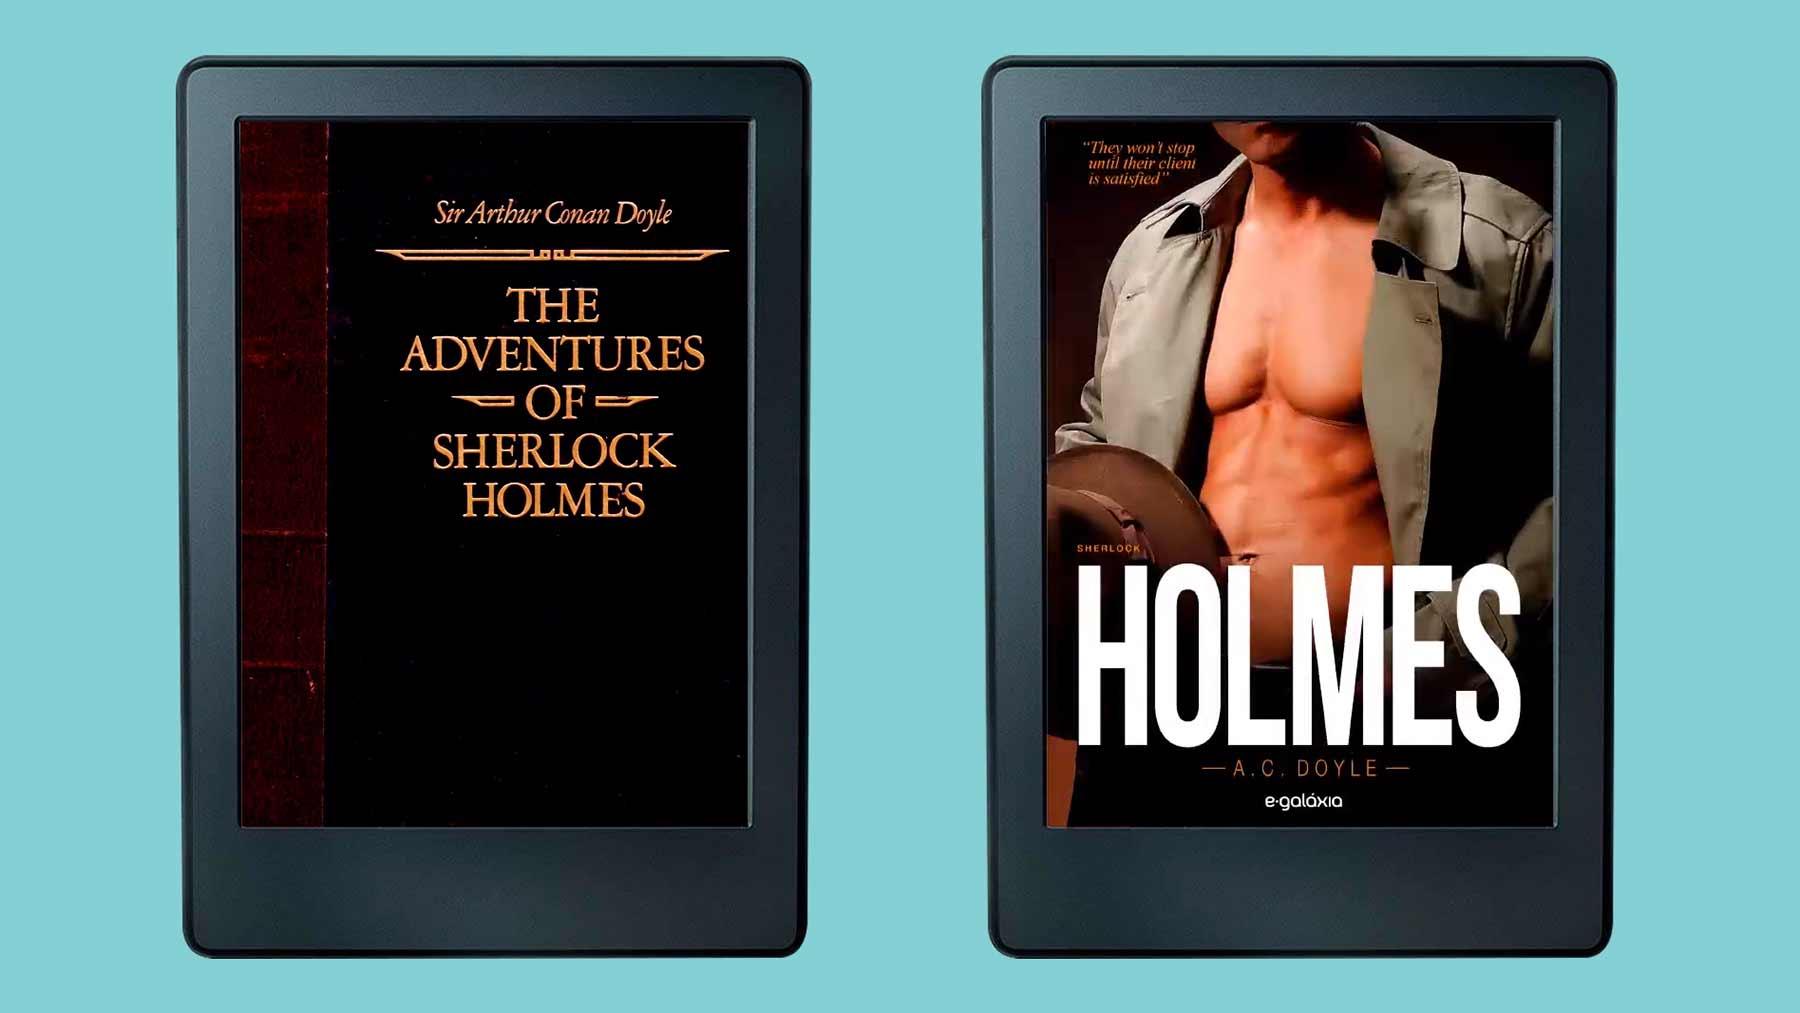 Die Buchcover von Literaturklassikern sexy gemacht